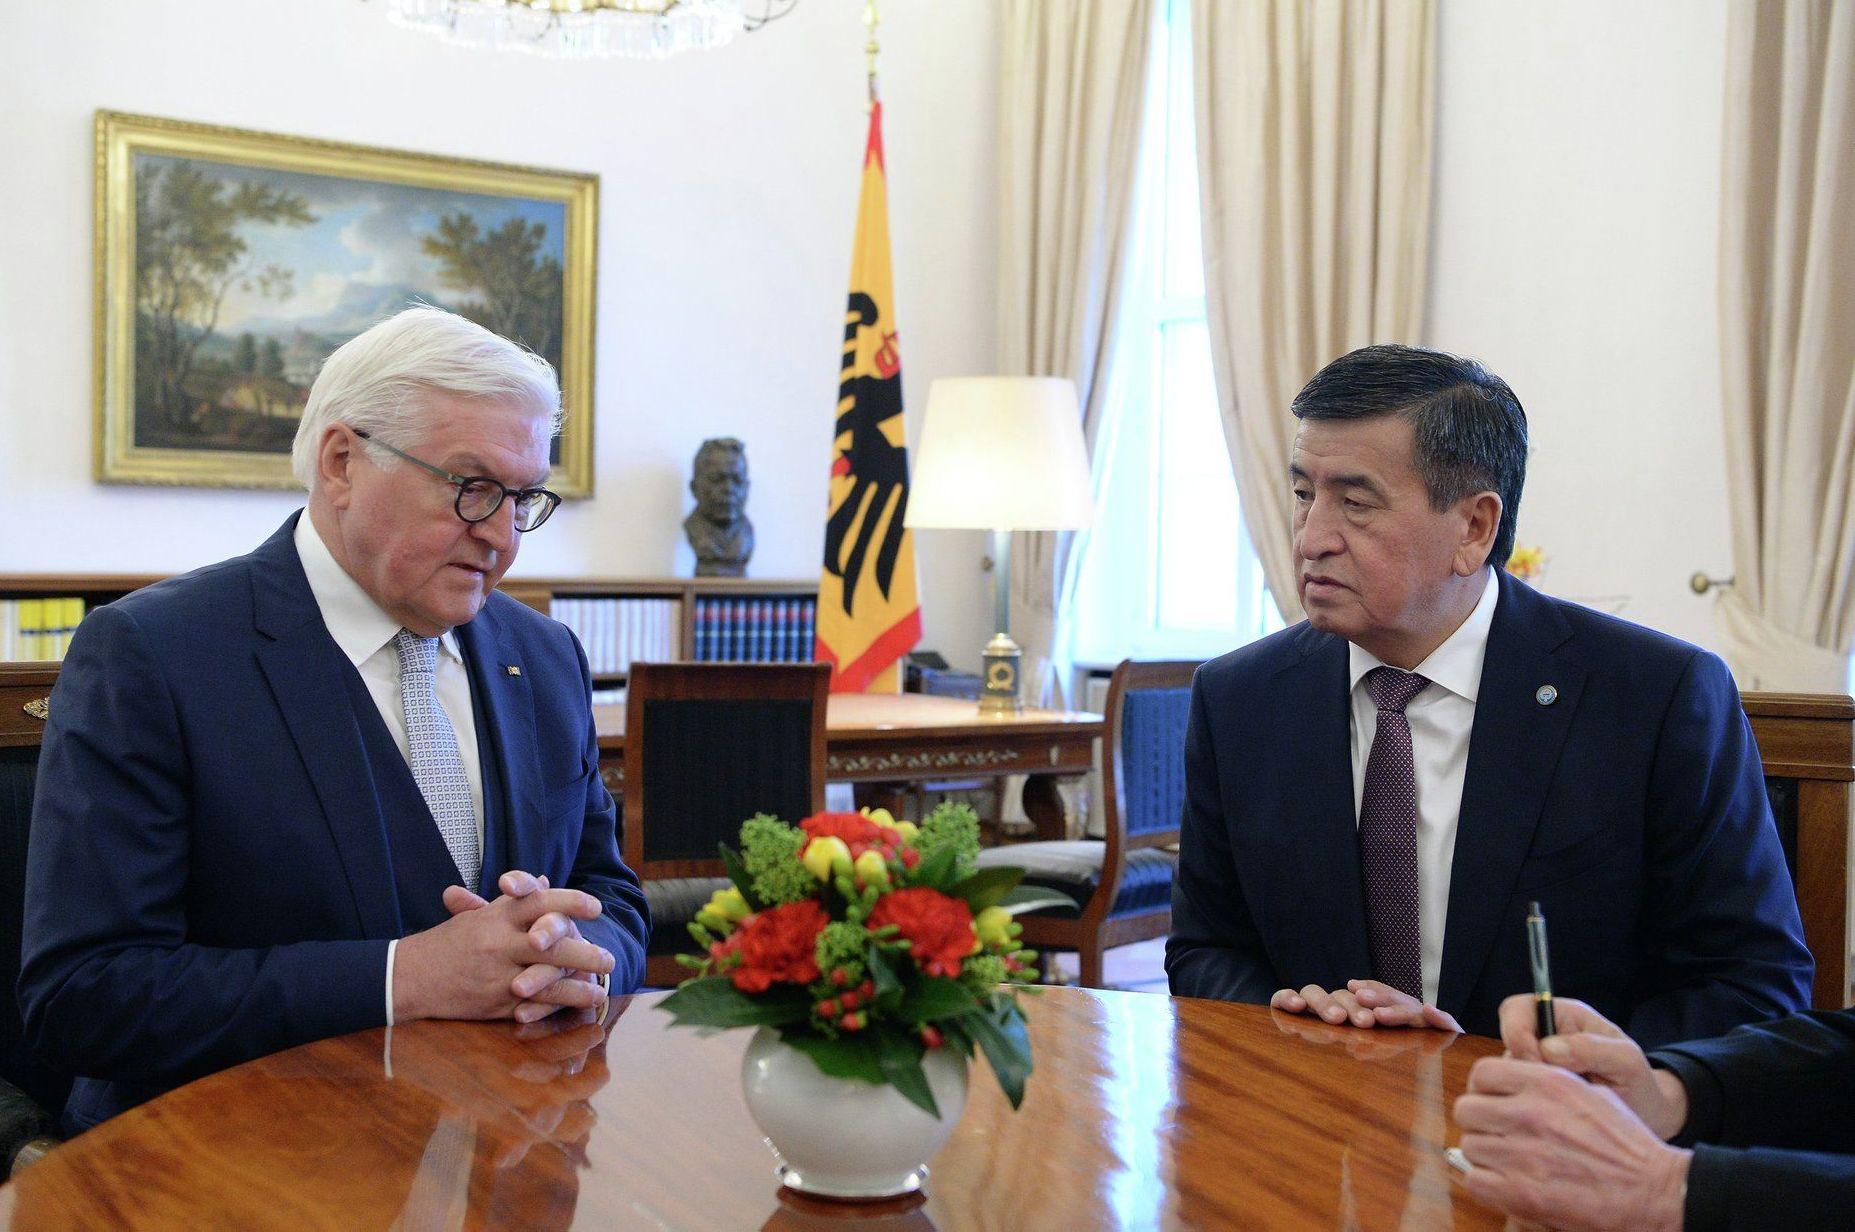 Президент Кыргызской Республики Сооронбай Жээнбеков встретился с Федеральным президентом Германии Франк-Вальтером Штайнмайером в Берлине.